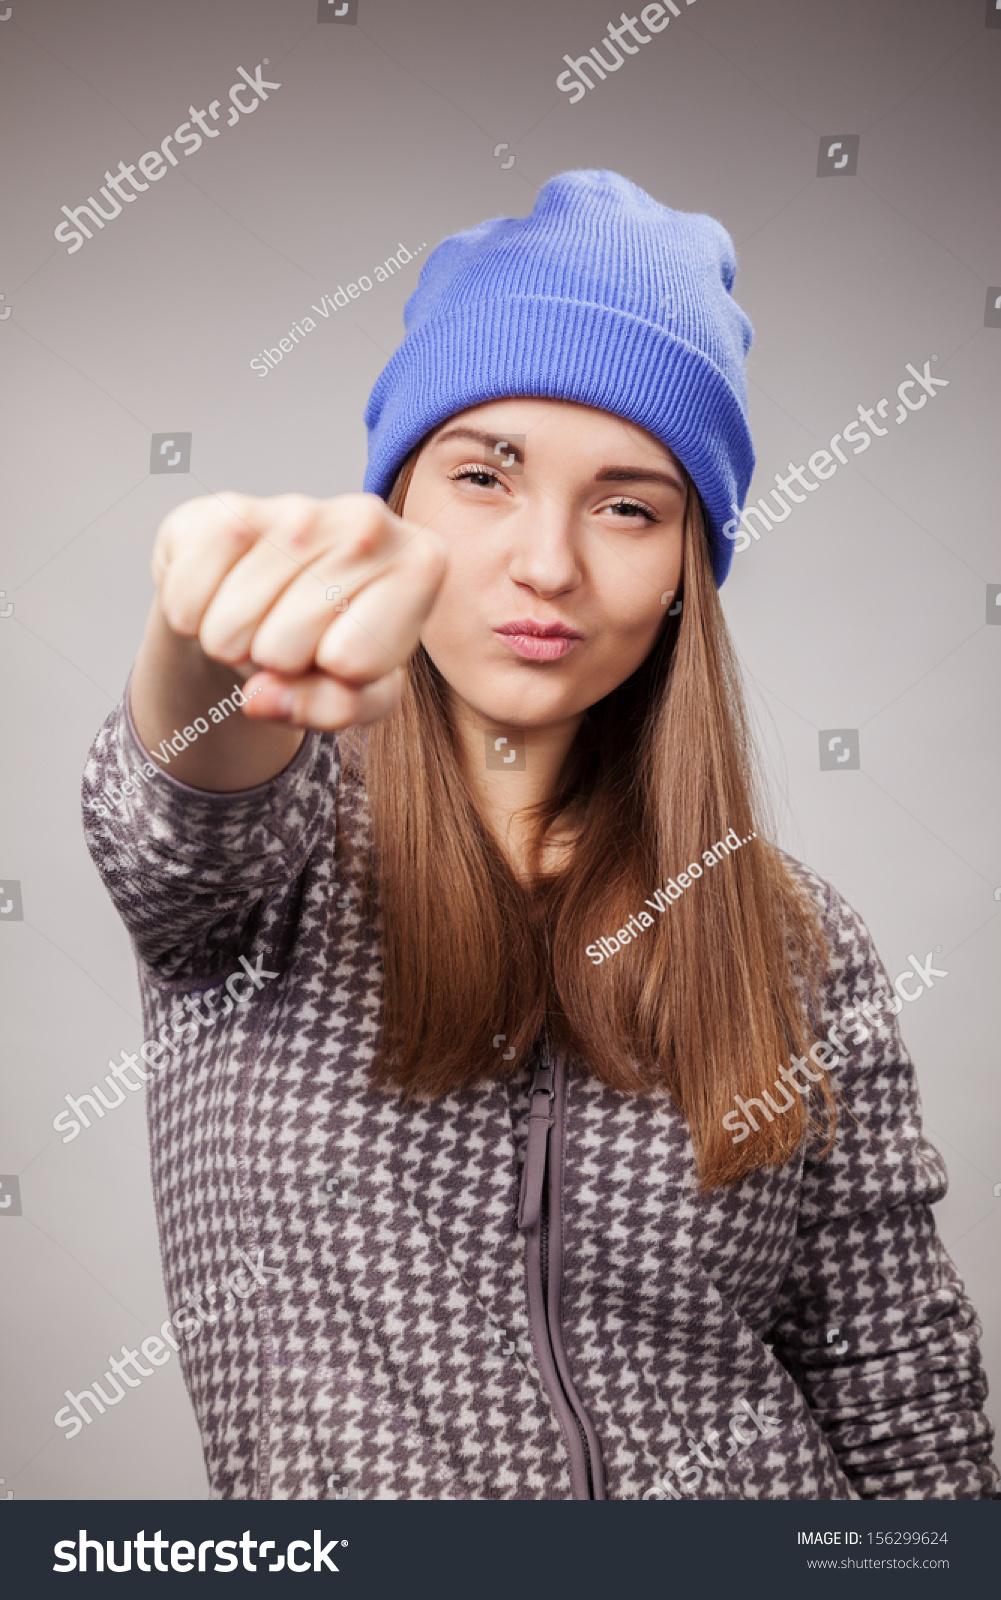 Фото как девушка покажет кулак 10 фотография